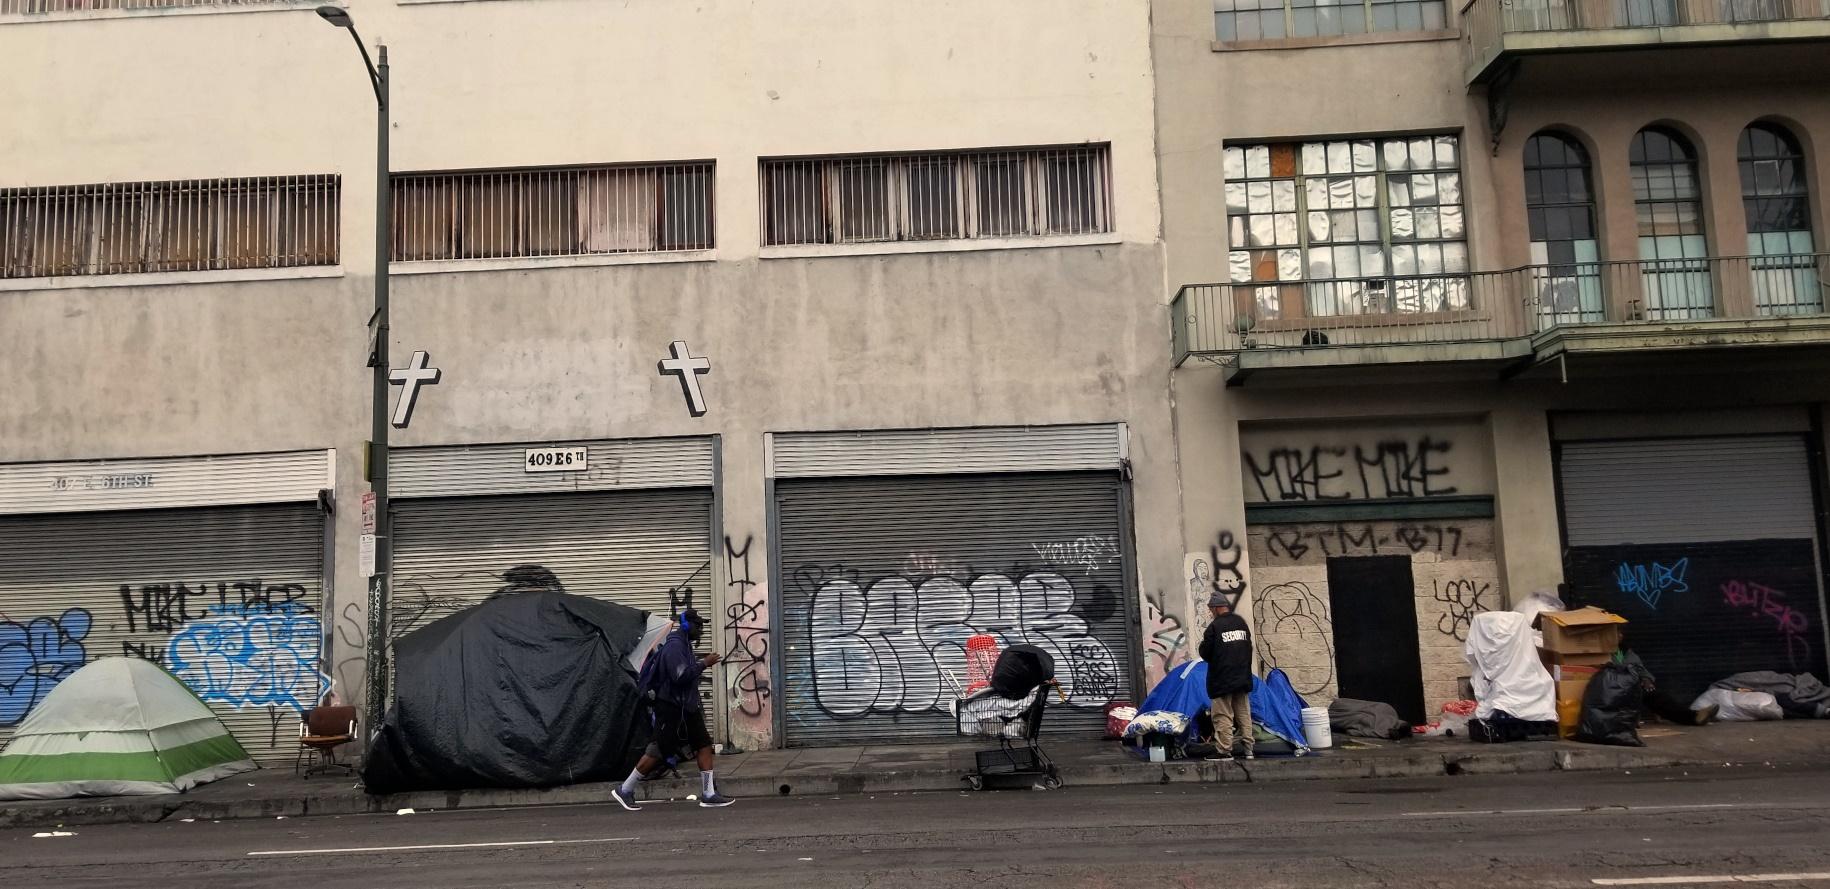 La Ready To Begin Talks To Settle Homeless Lawsuit